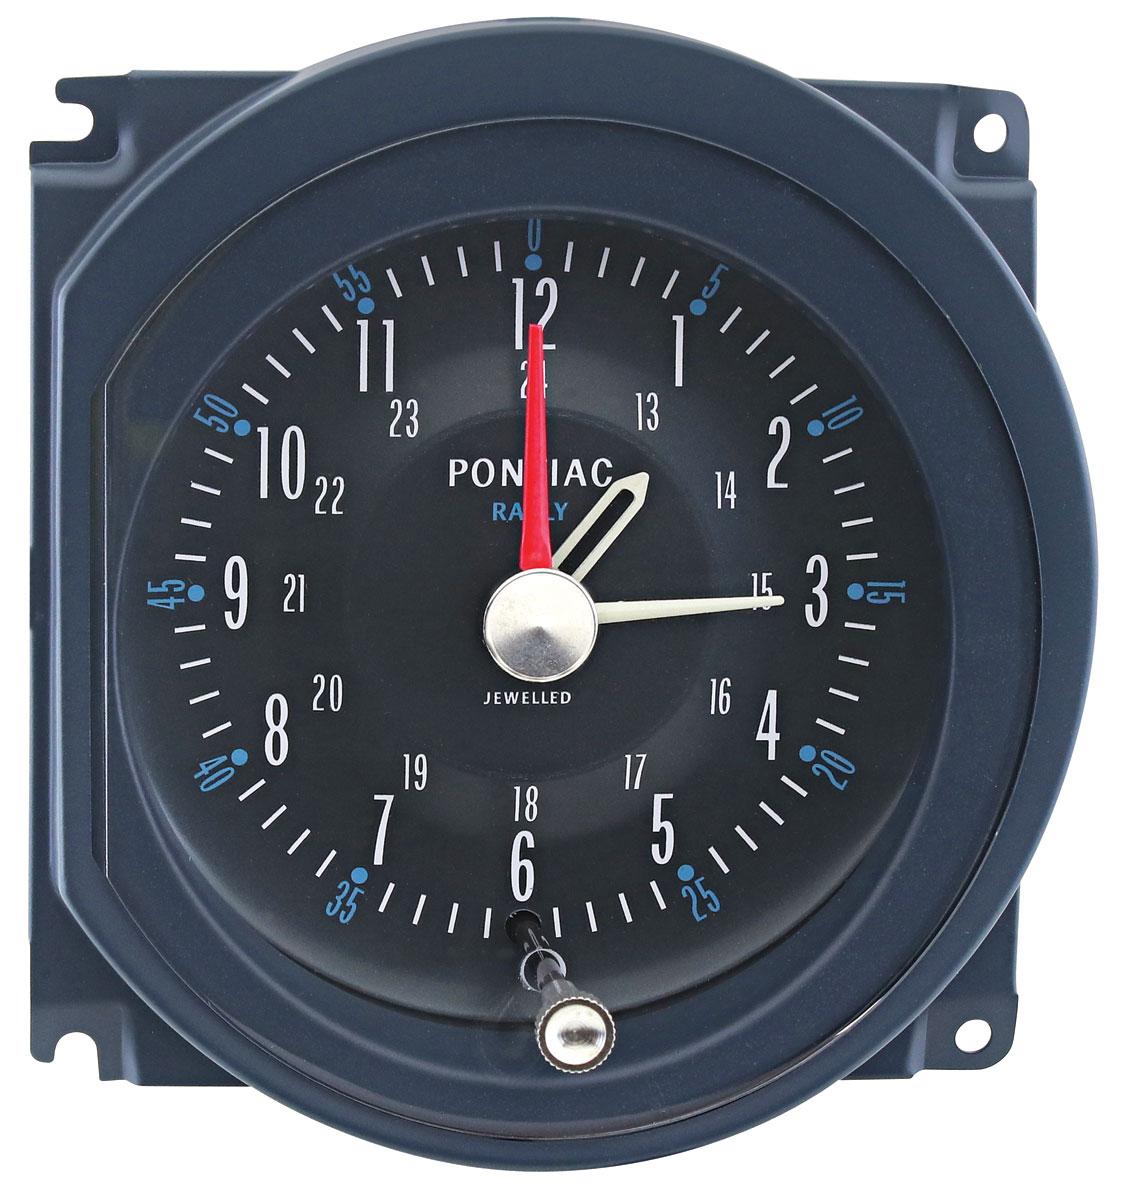 Clock, 1964-67 GTO/Grand Prix, In Dash